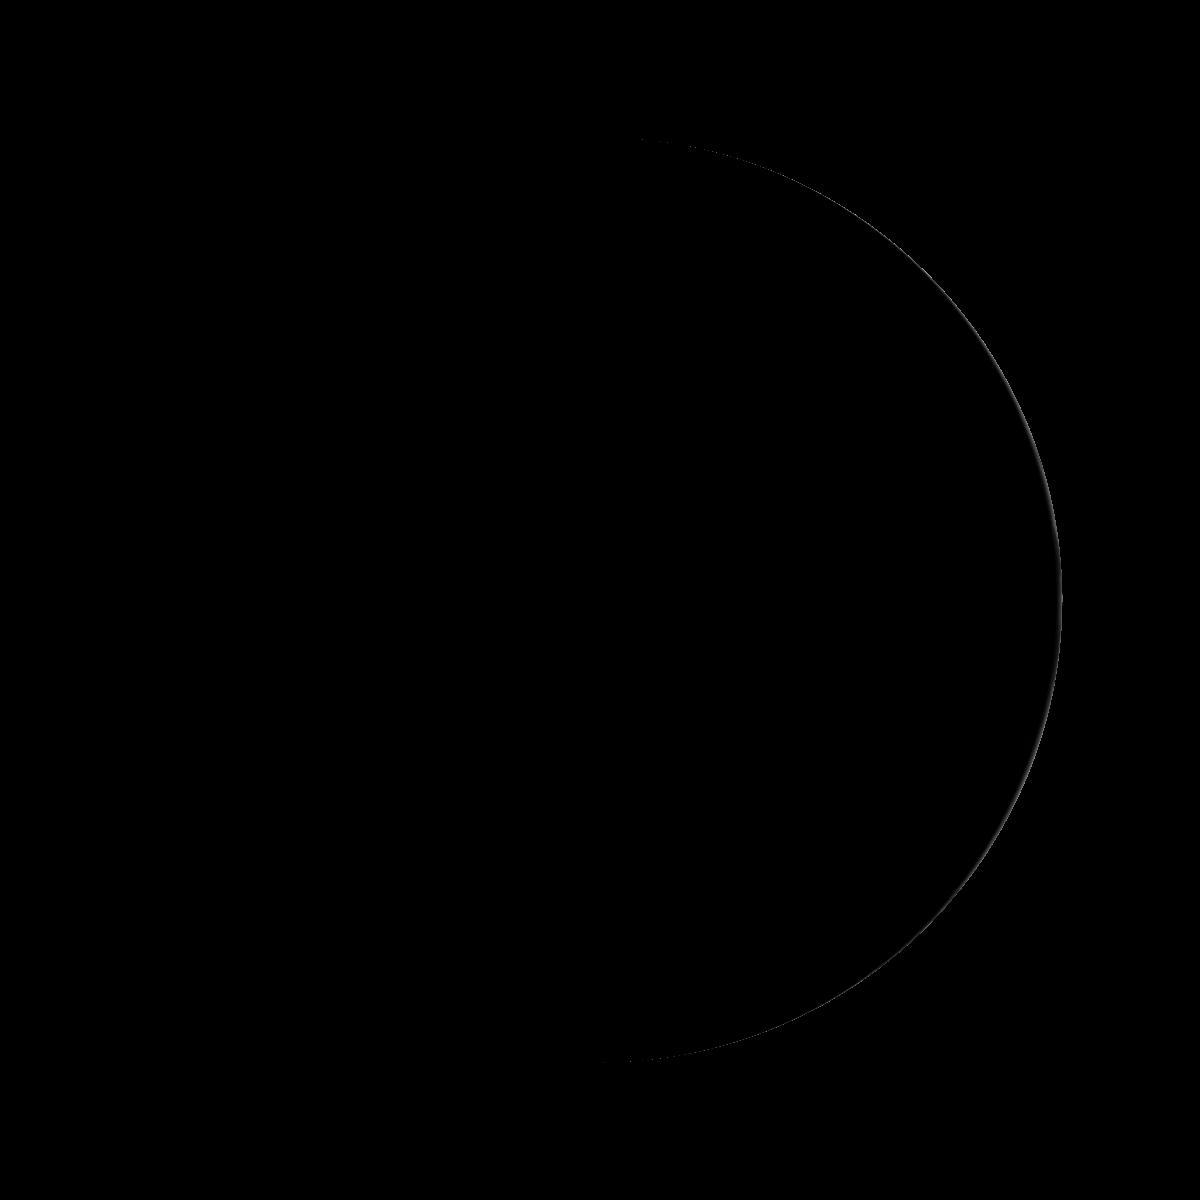 Lune du 27 décembre 2019